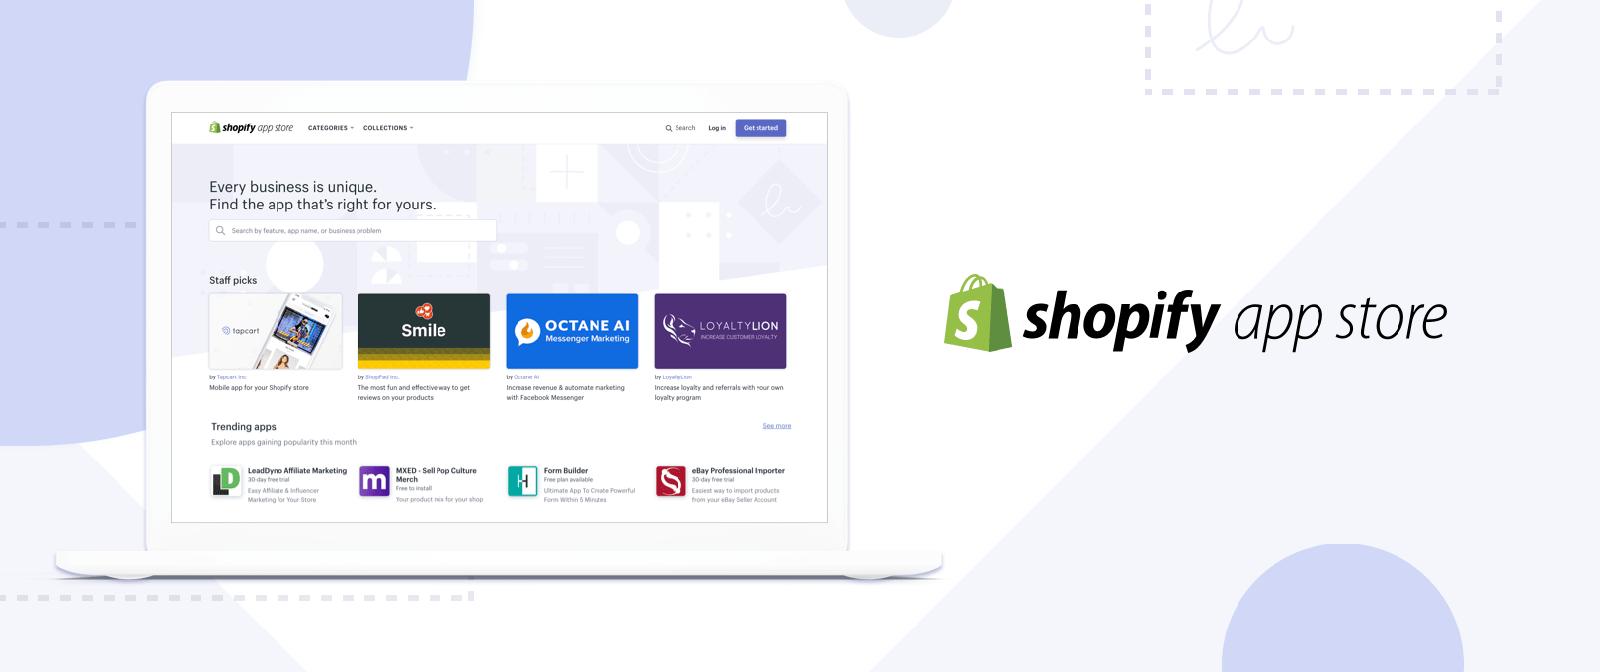 Shopify was ist das: Dazu gehört ein Ökosystem heme Store, App Store und der Shopify Community